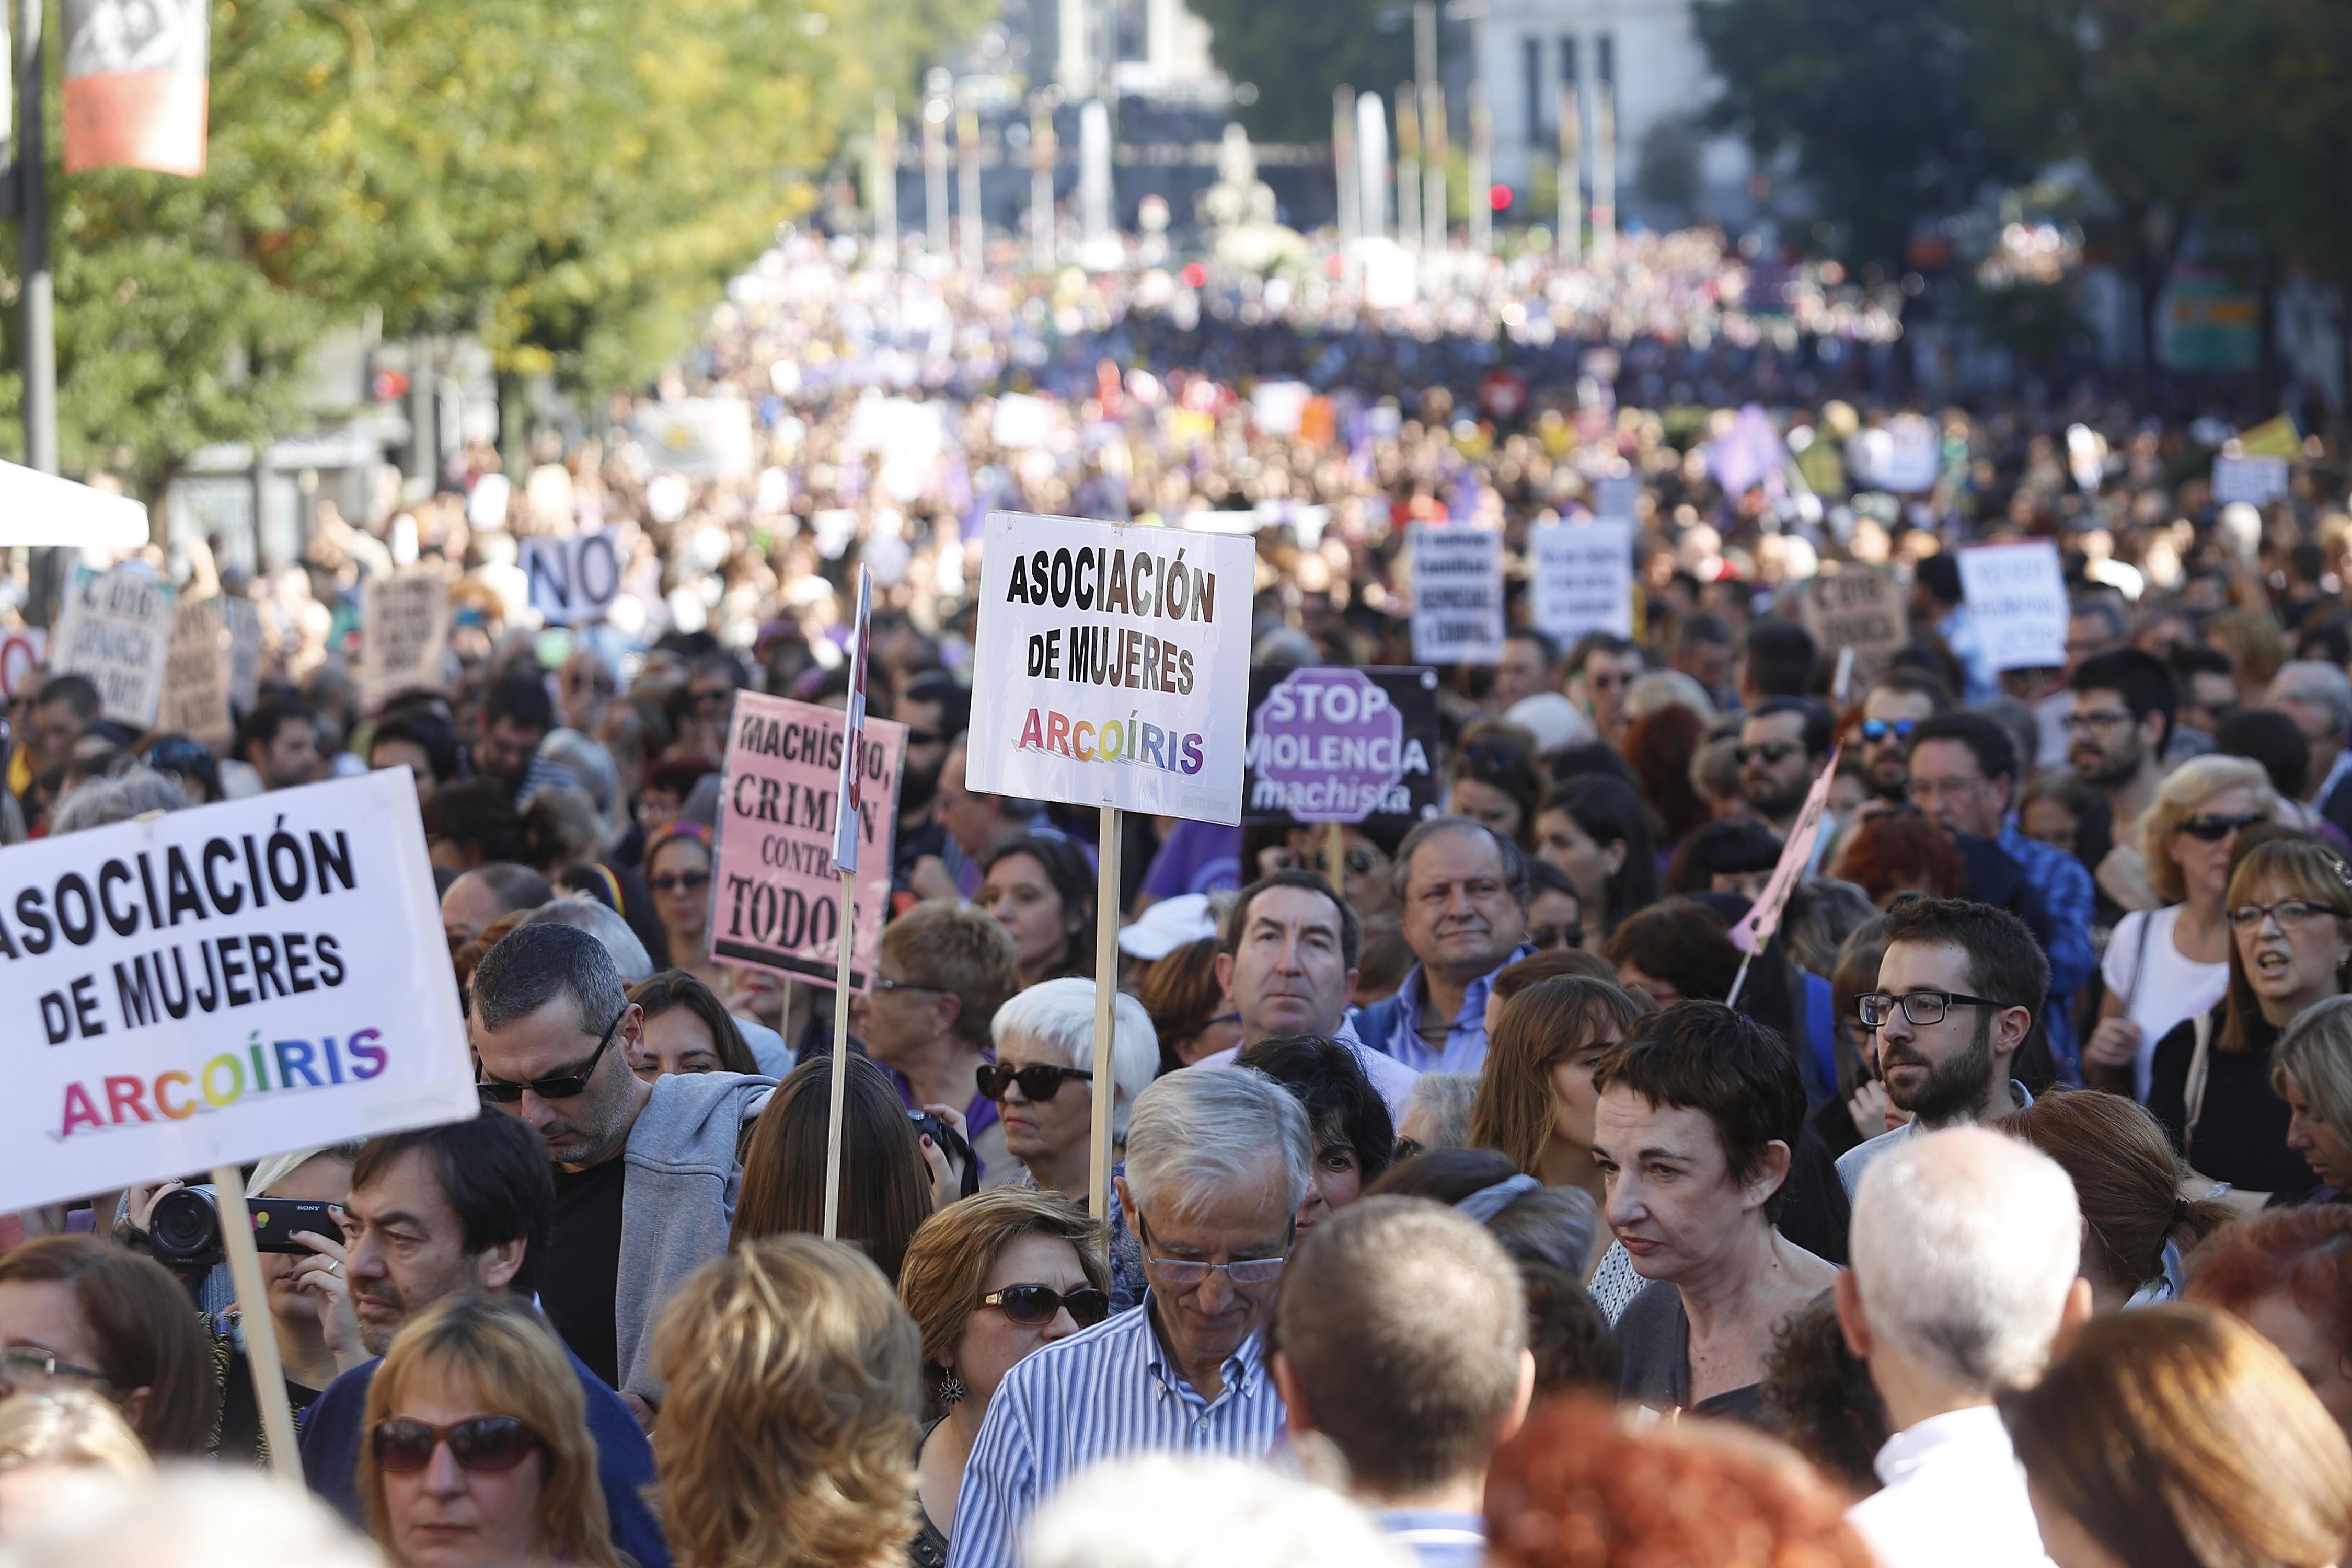 La alcaldesa de Madrid y la alcaldesa de Barcelona reclaman más apoyo de las instituciones.